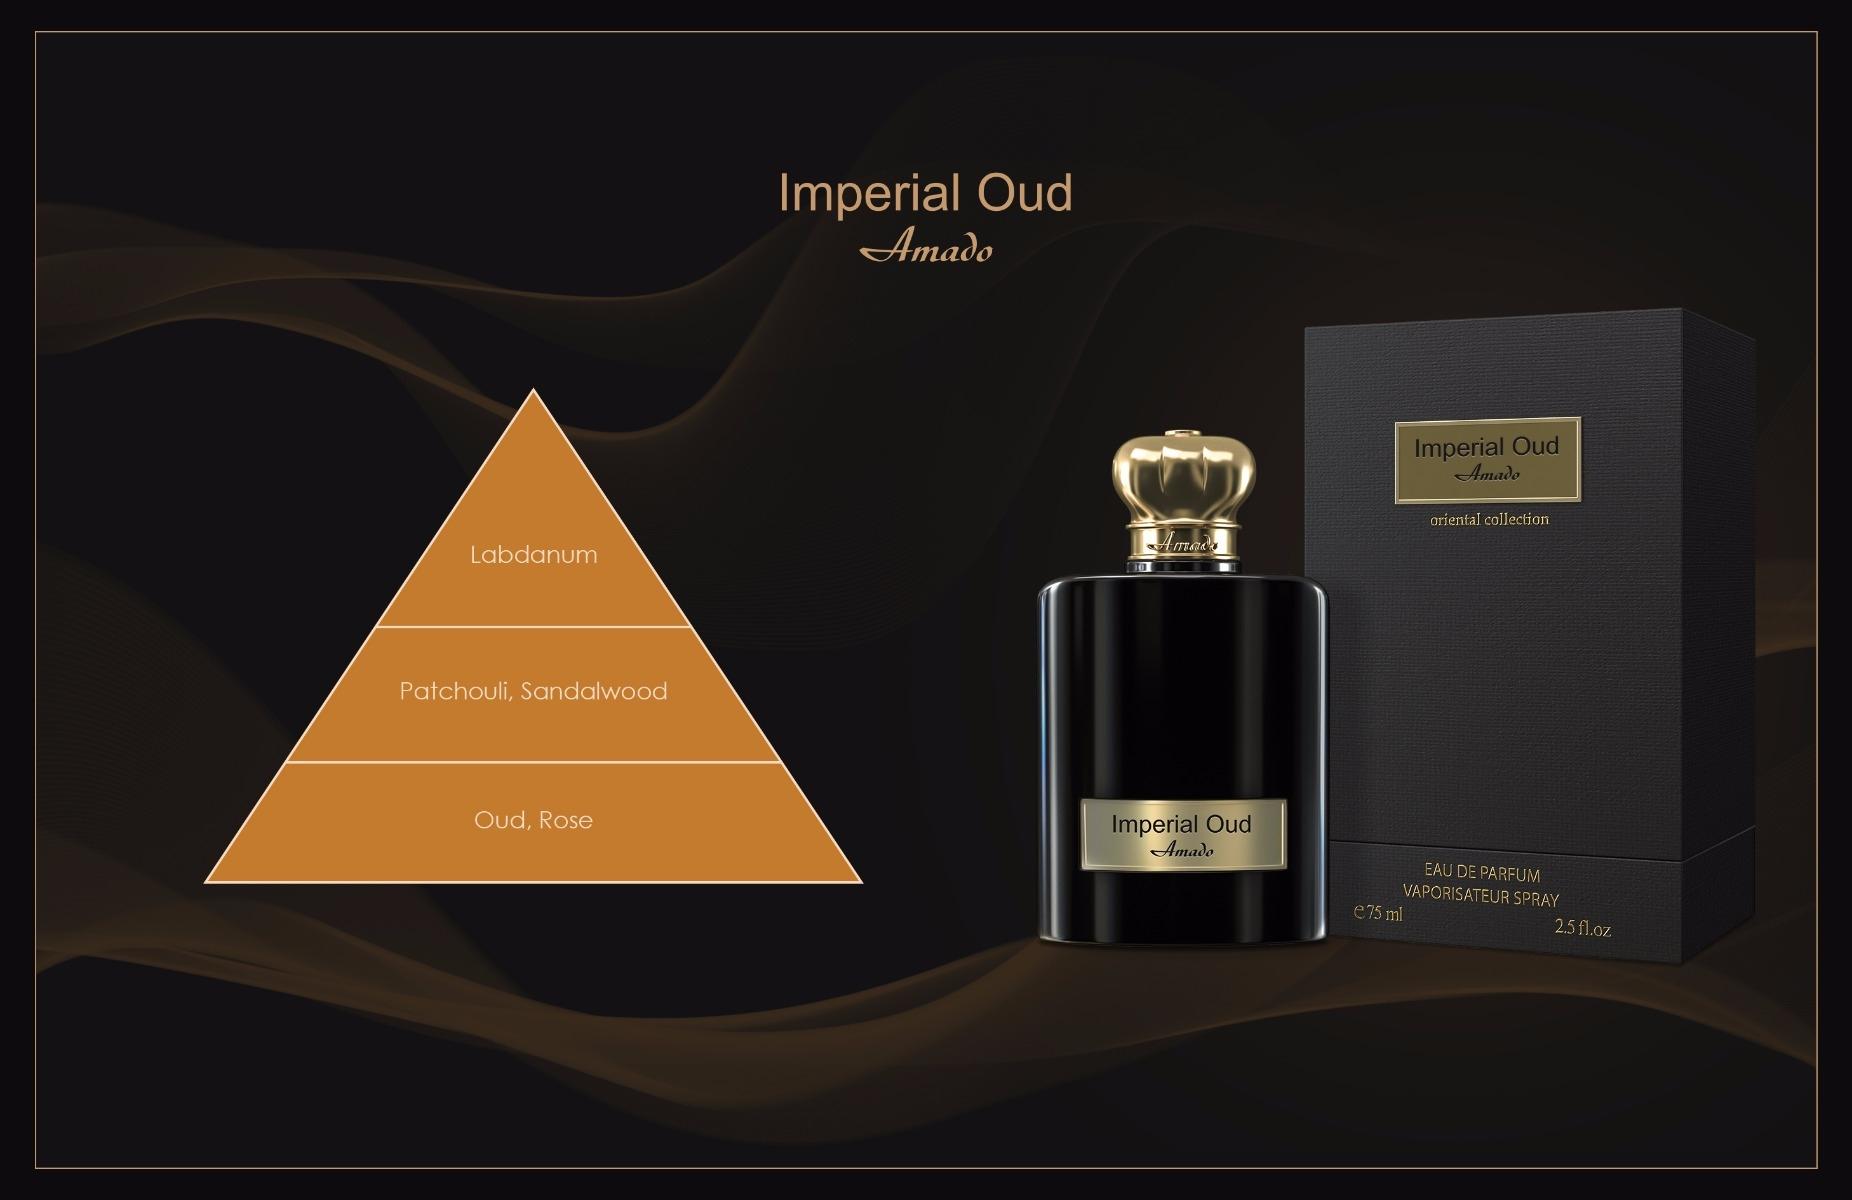 Imperial Oud